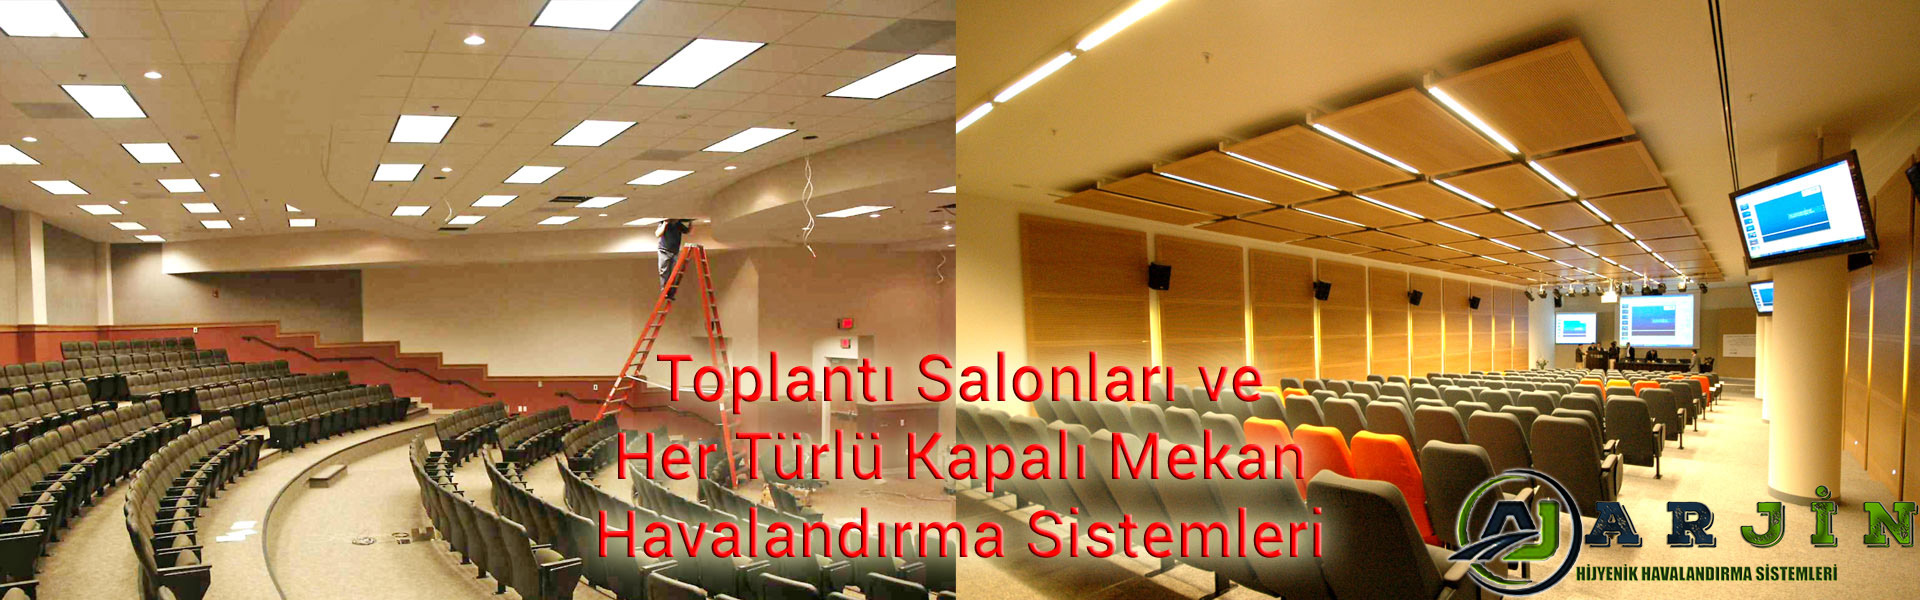 Toplantı salonu havalandırma sistemi